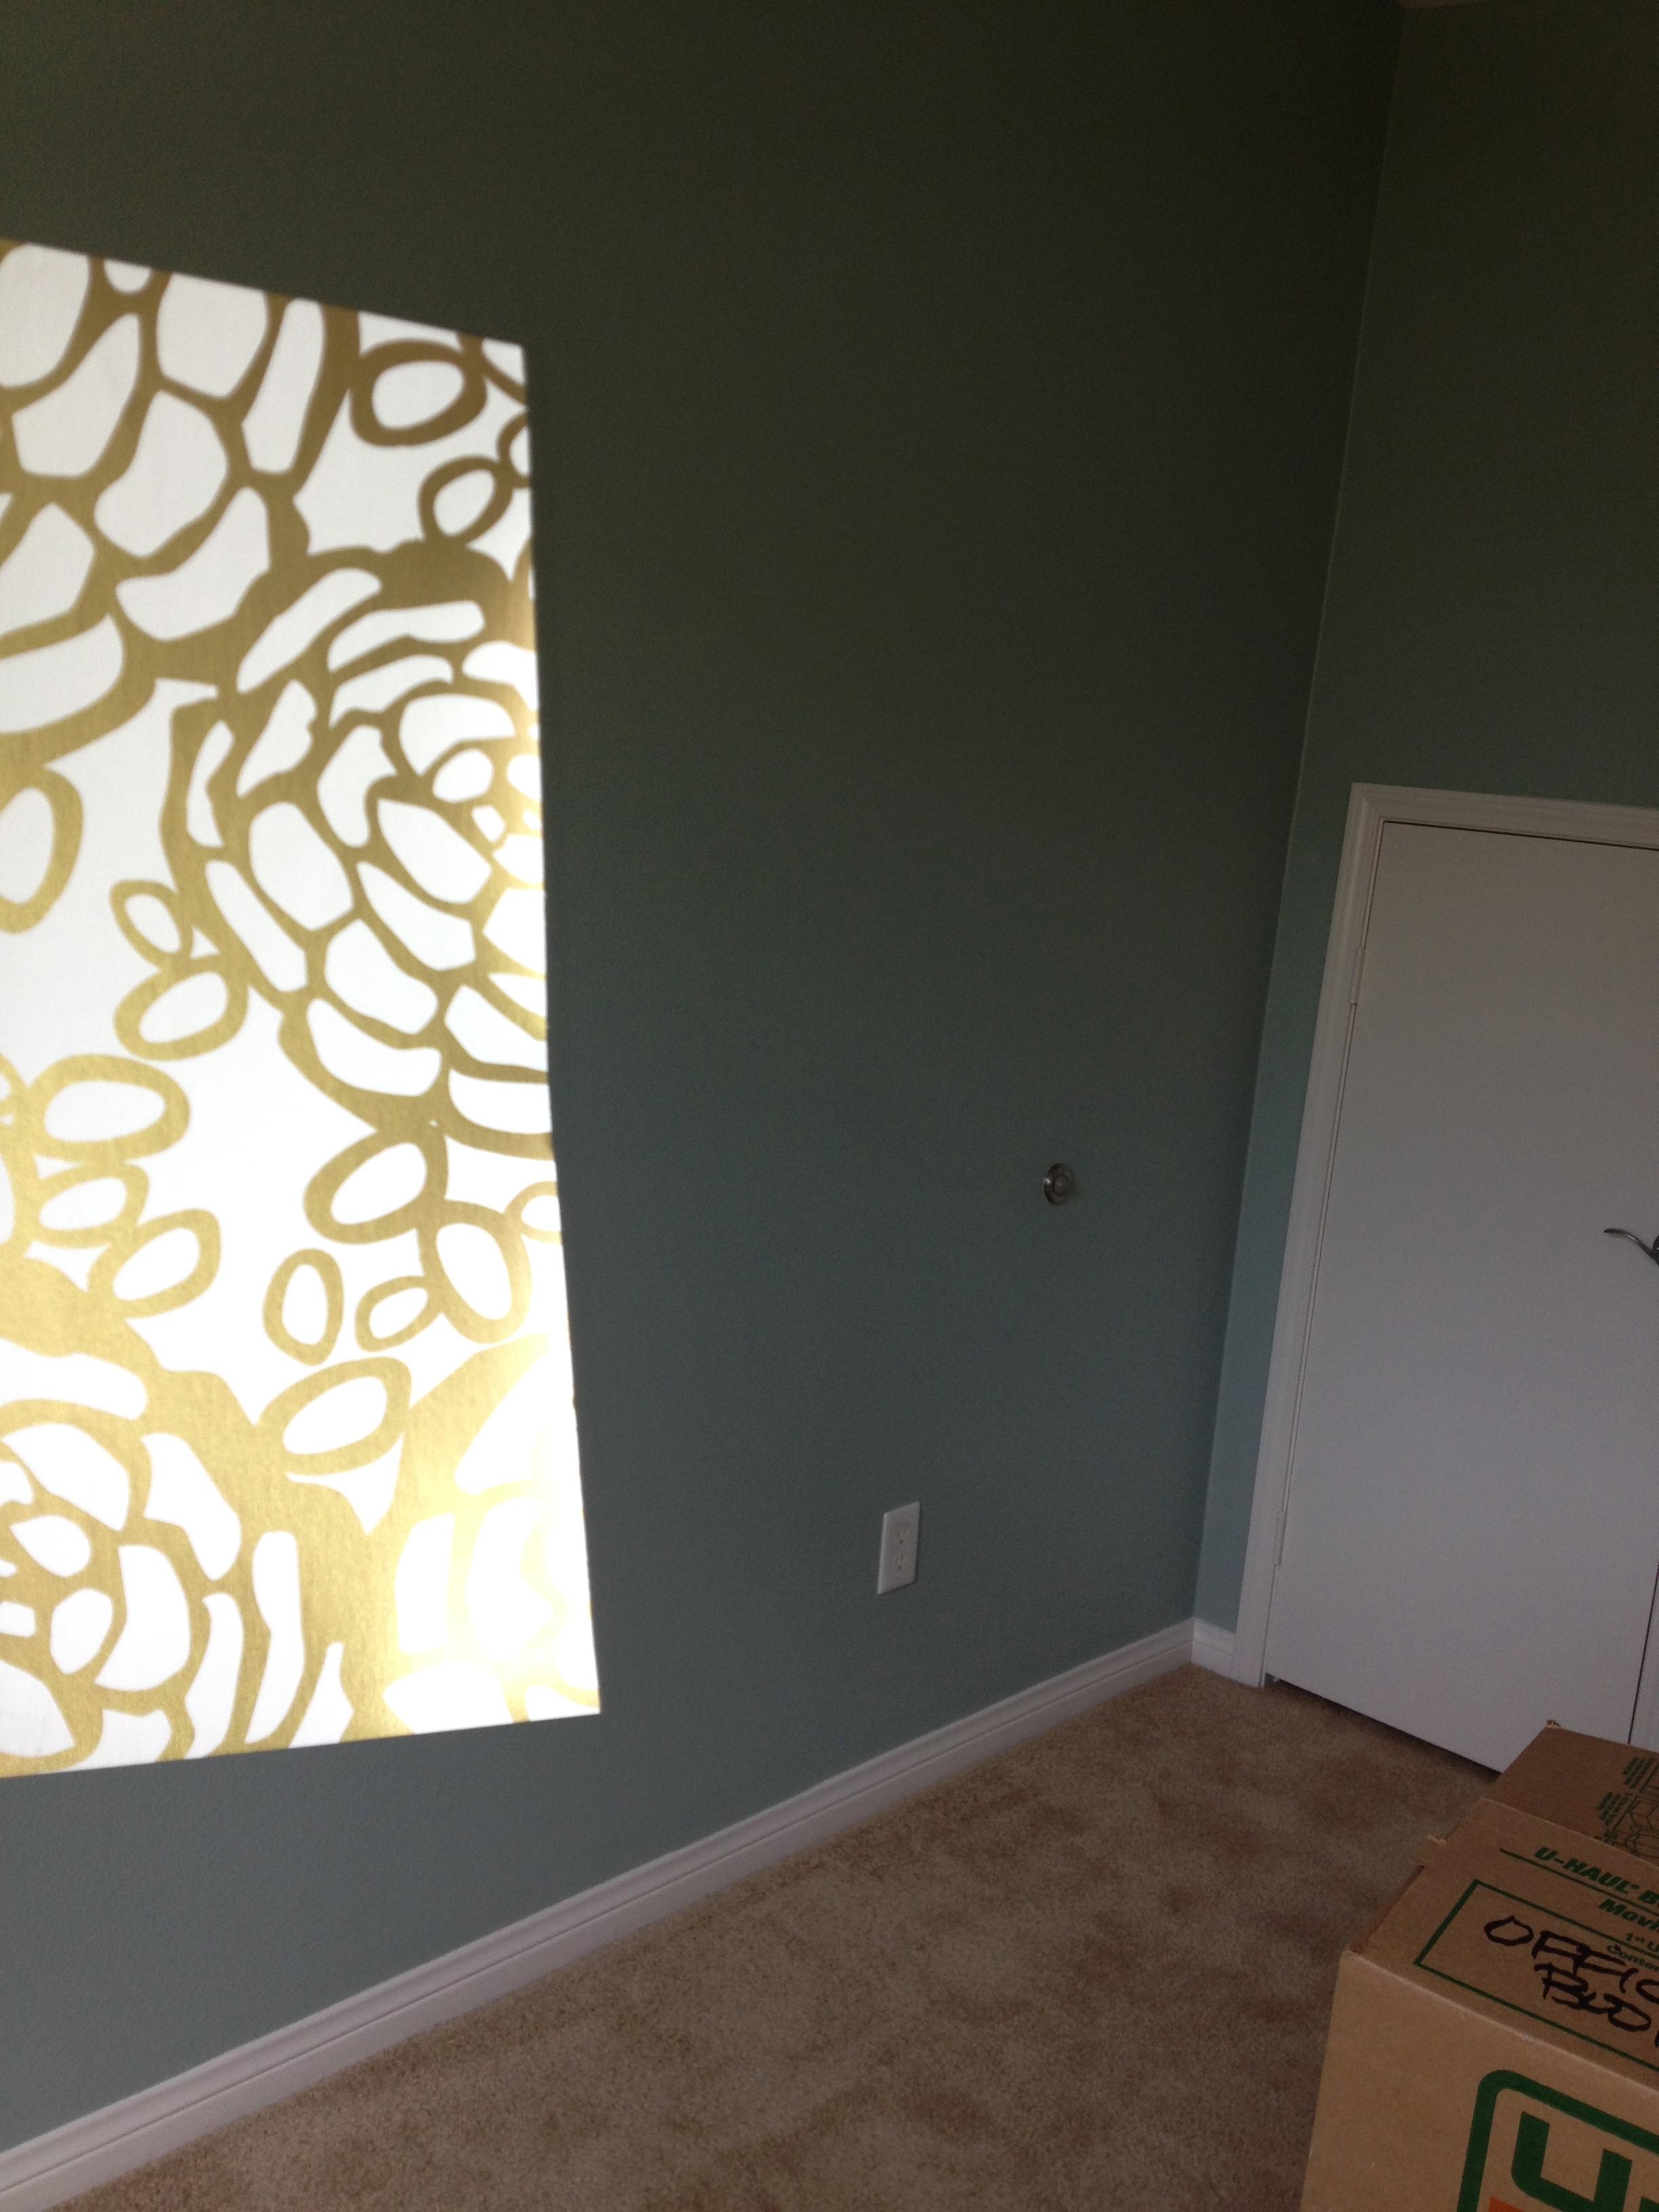 Jeff Lewis Paint Colors Dunn Edwards Paint Color Ideas